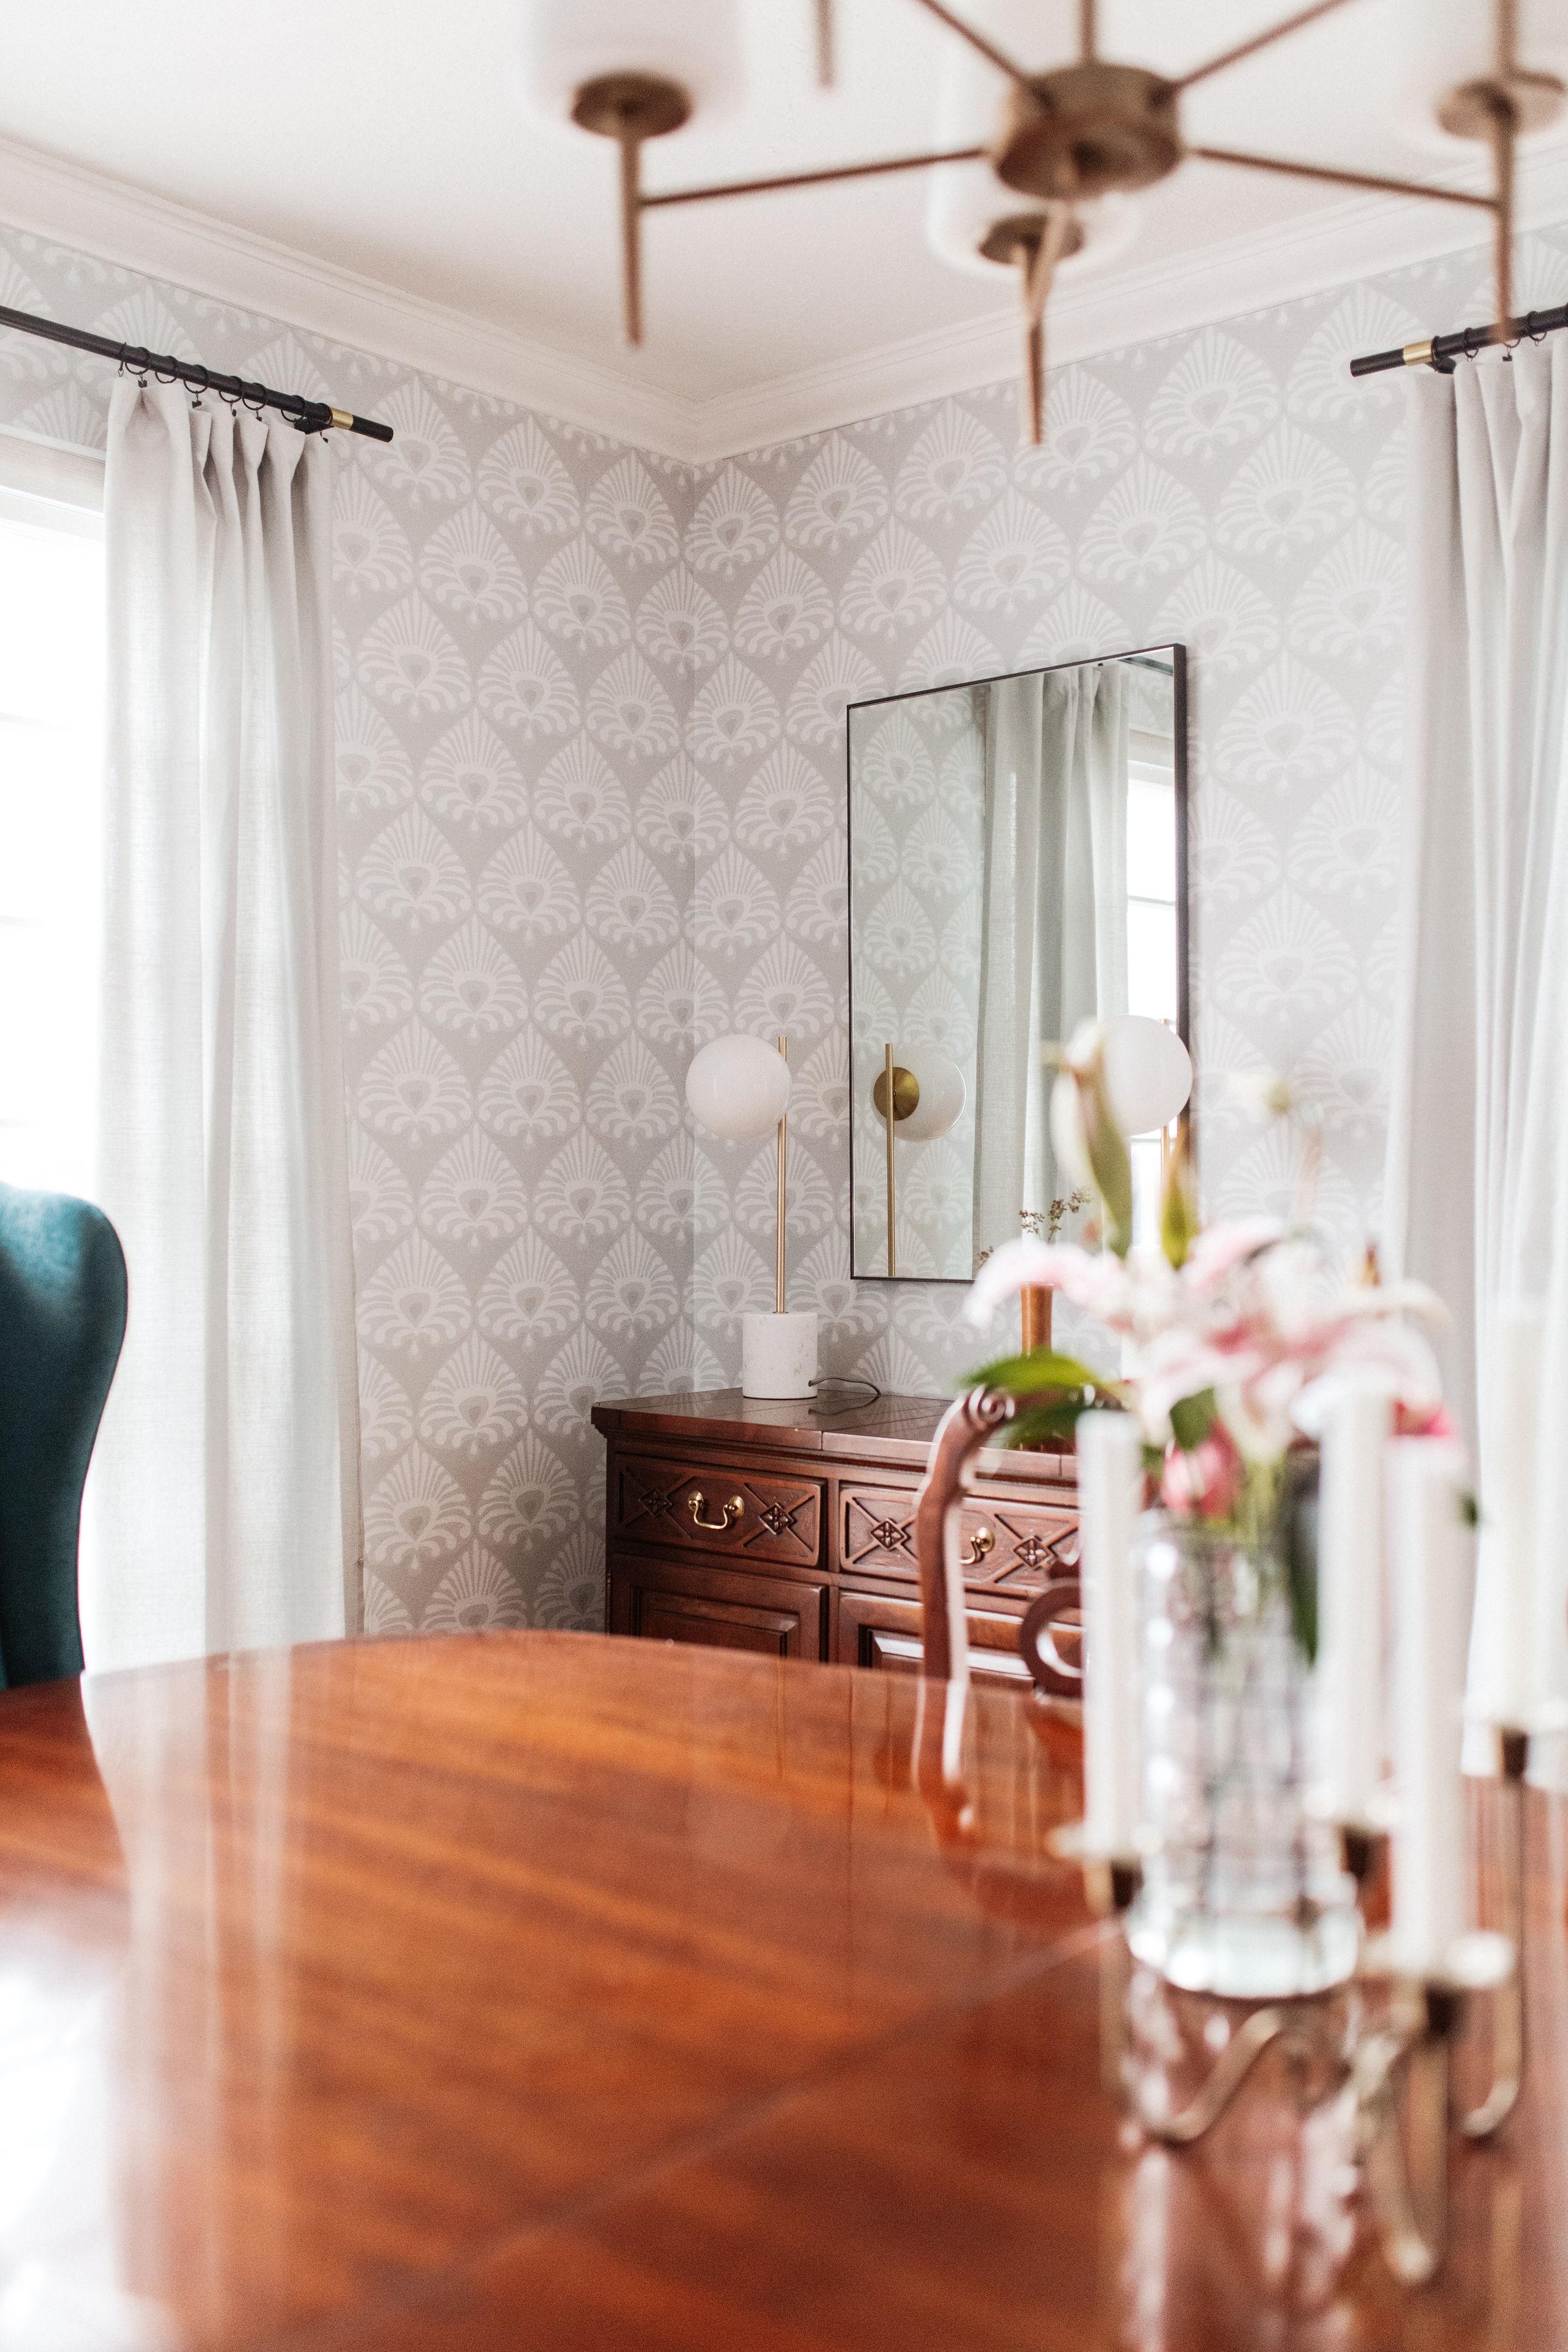 Retuned Traditional Dining Room18.jpg